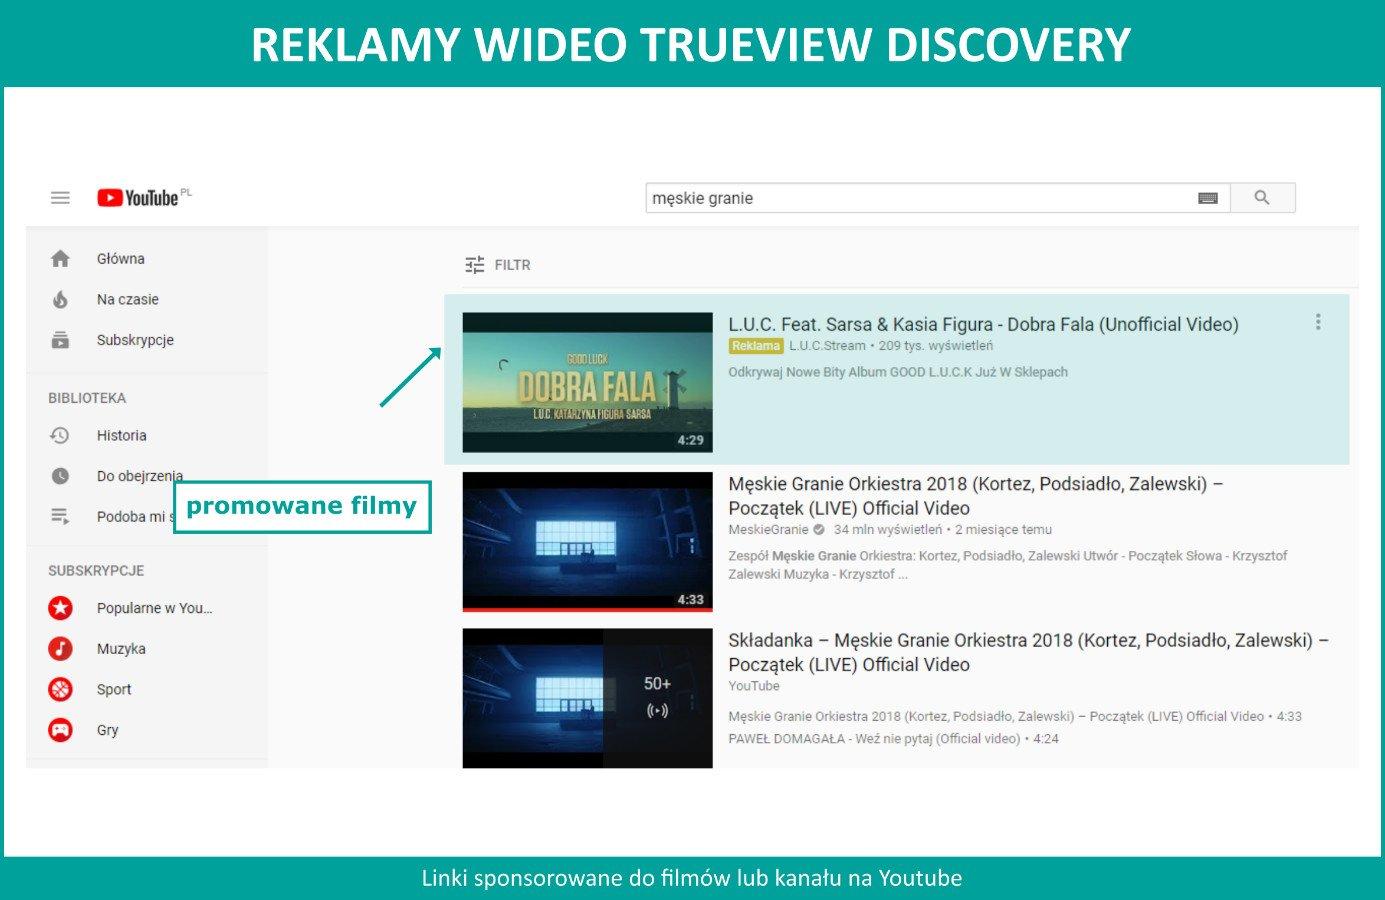 Reklama na YouTube - TrueView Discovery